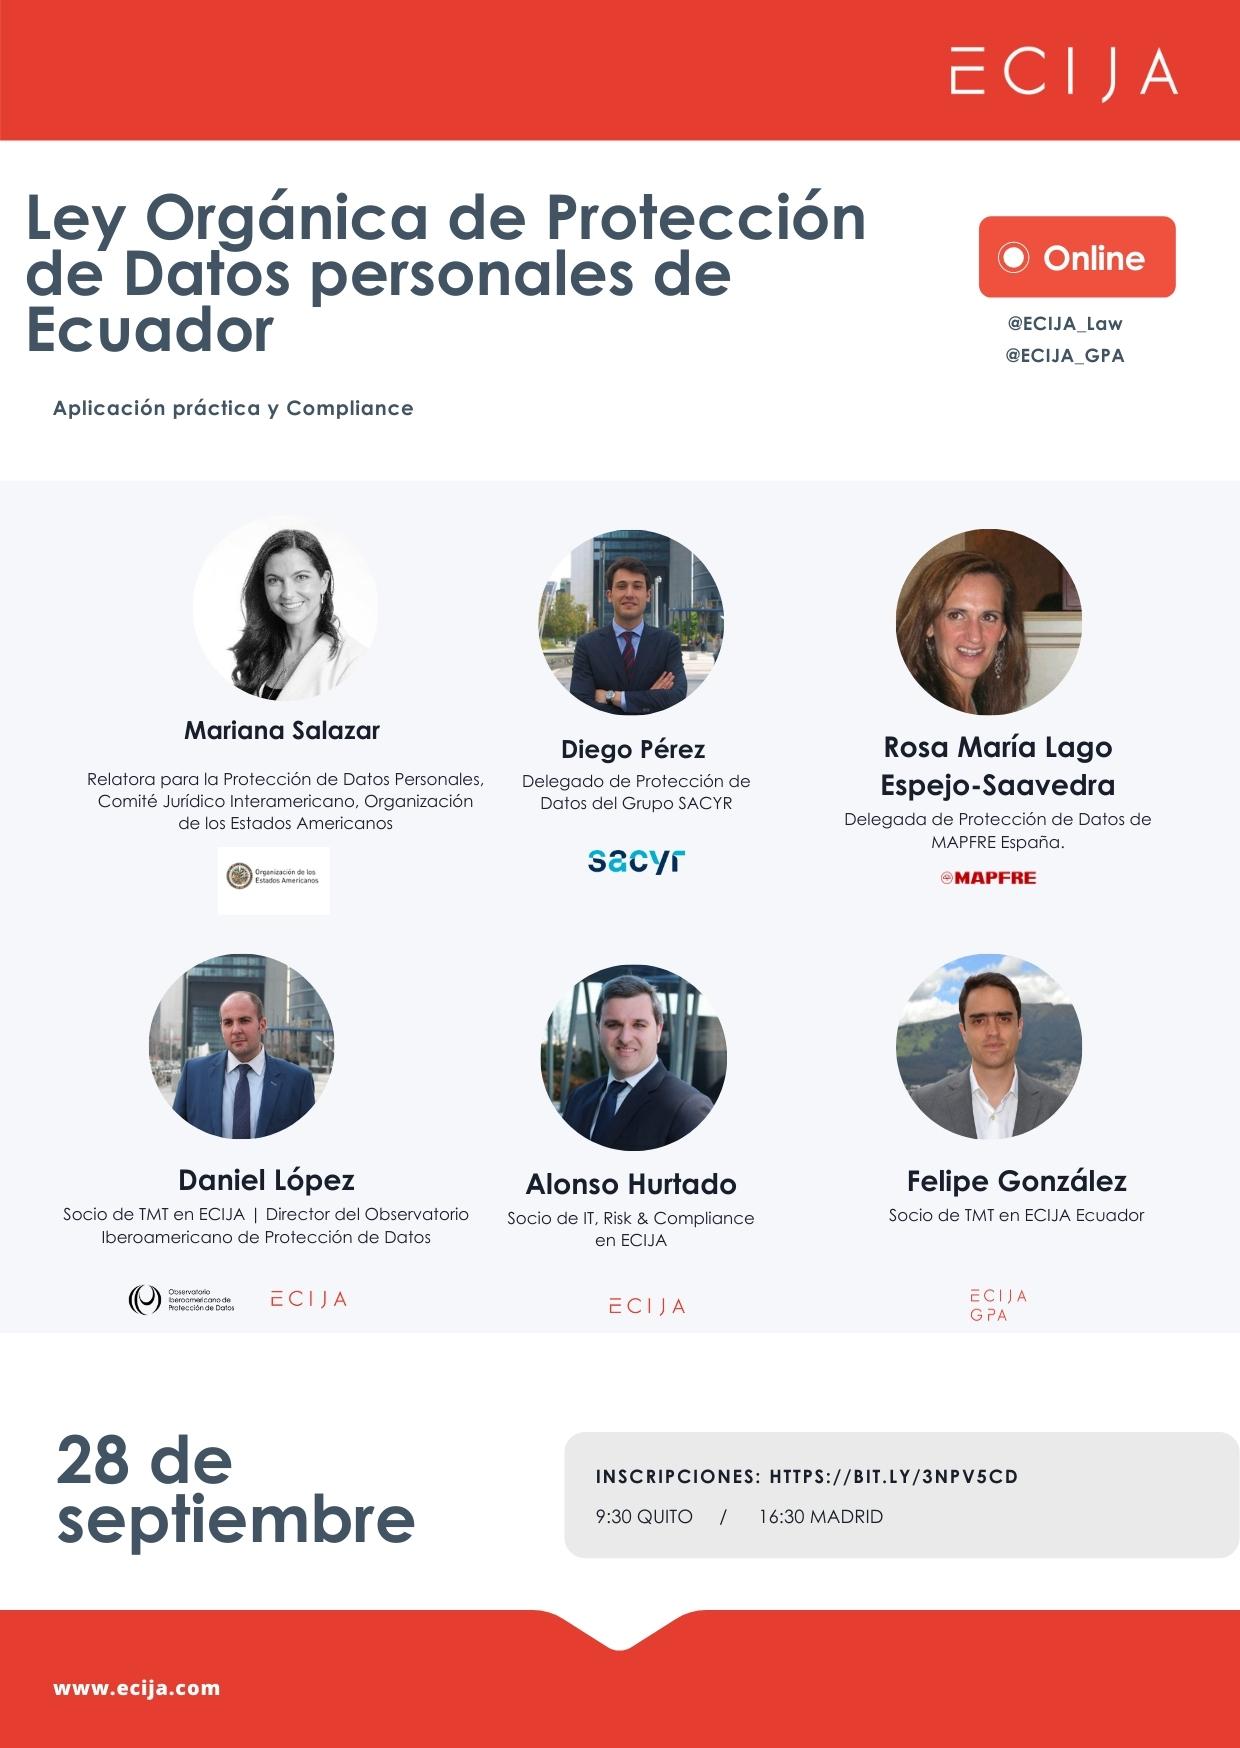 Webinar_Proteccion-de-Datos-Ecuador-_ Ley Orgánica de Protección de Datos personales de Ecuador. Aplicación práctica y Compliance.